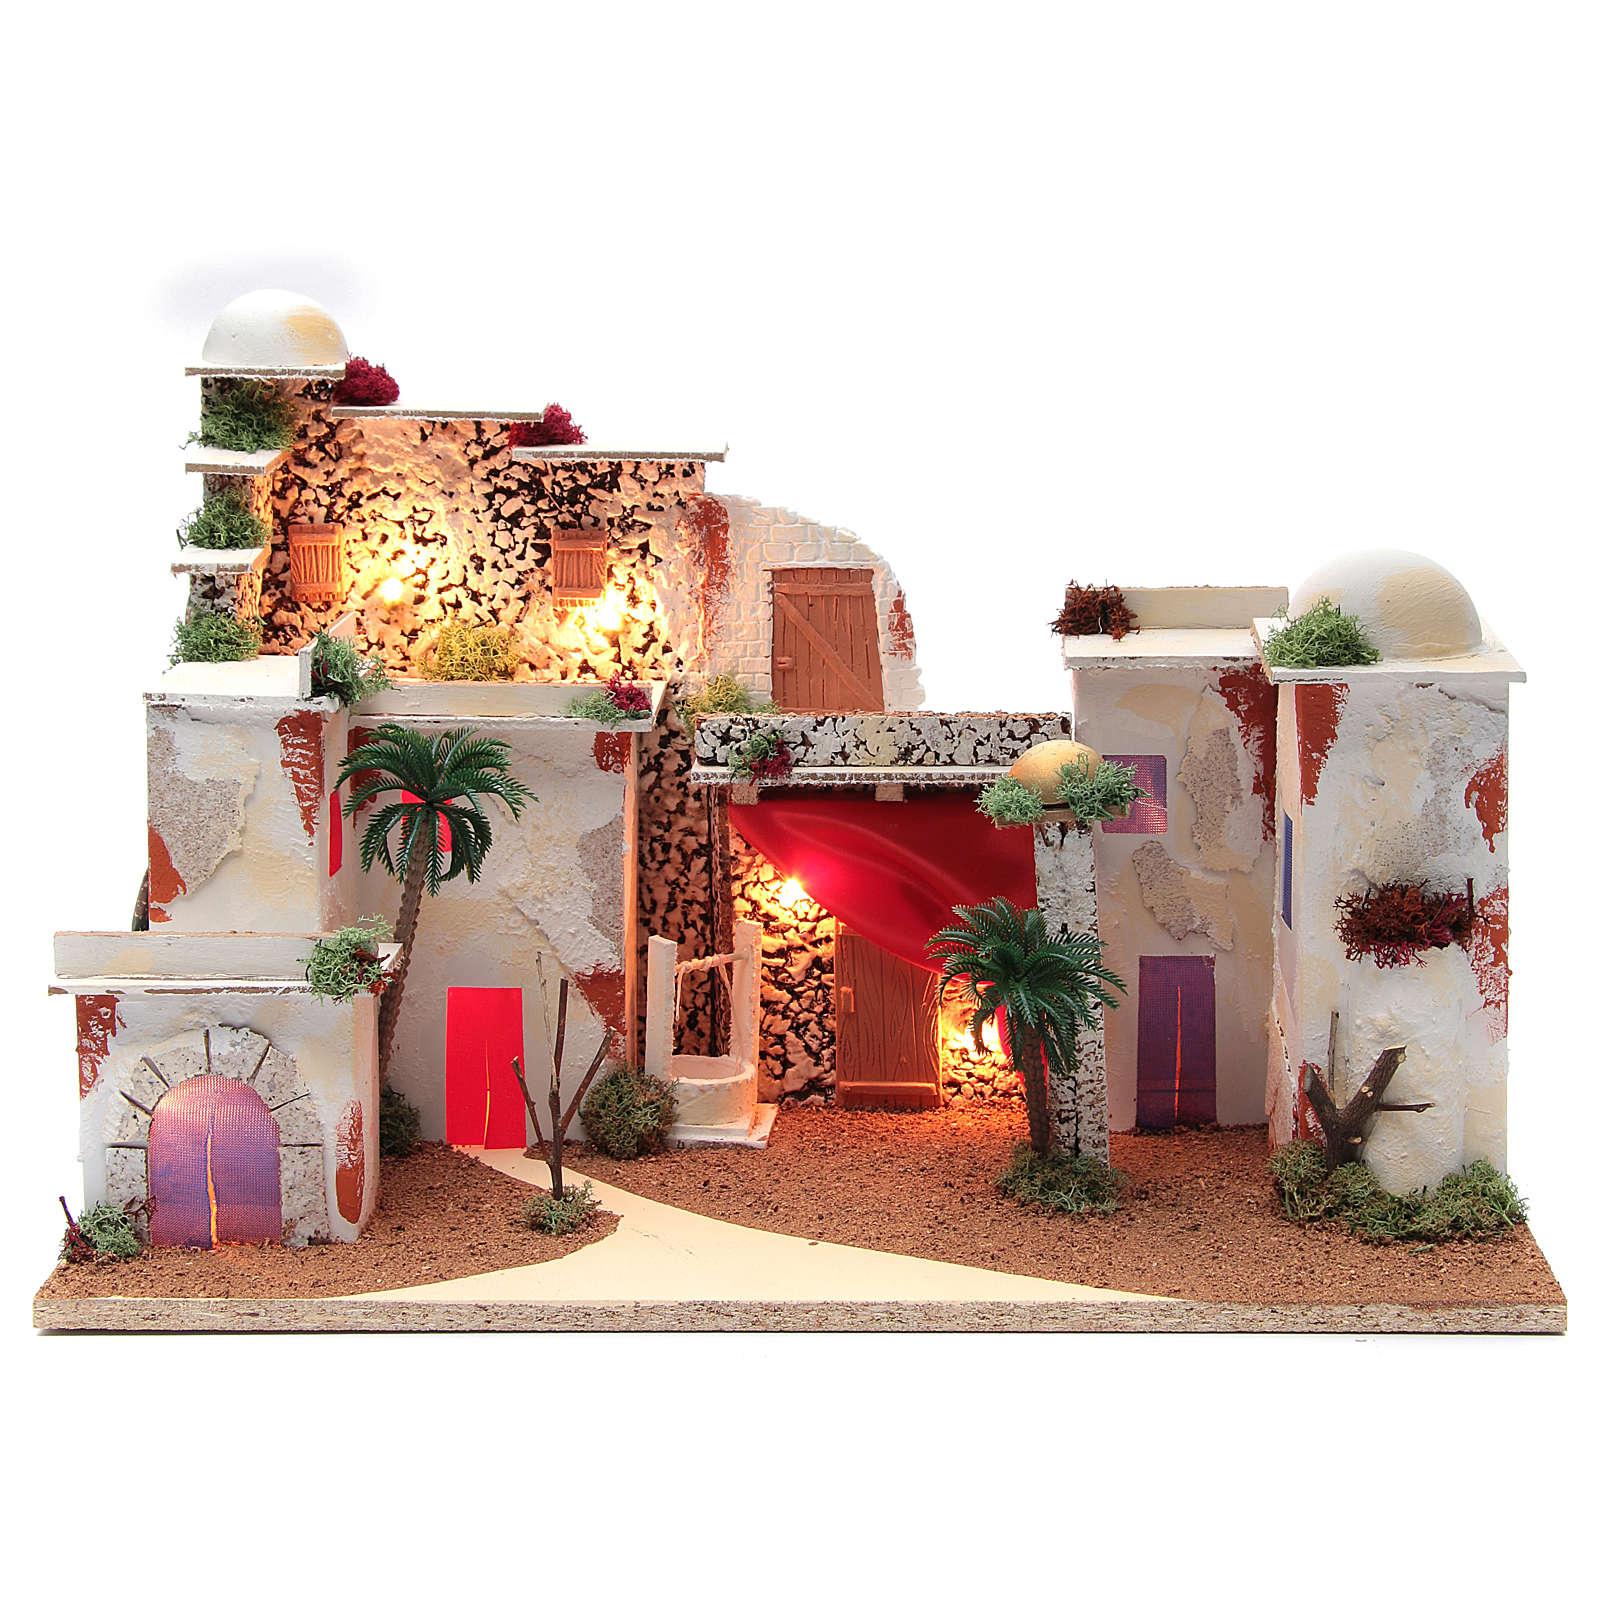 Paesaggio arabo per presepe con luci 30x50x25 cm 4